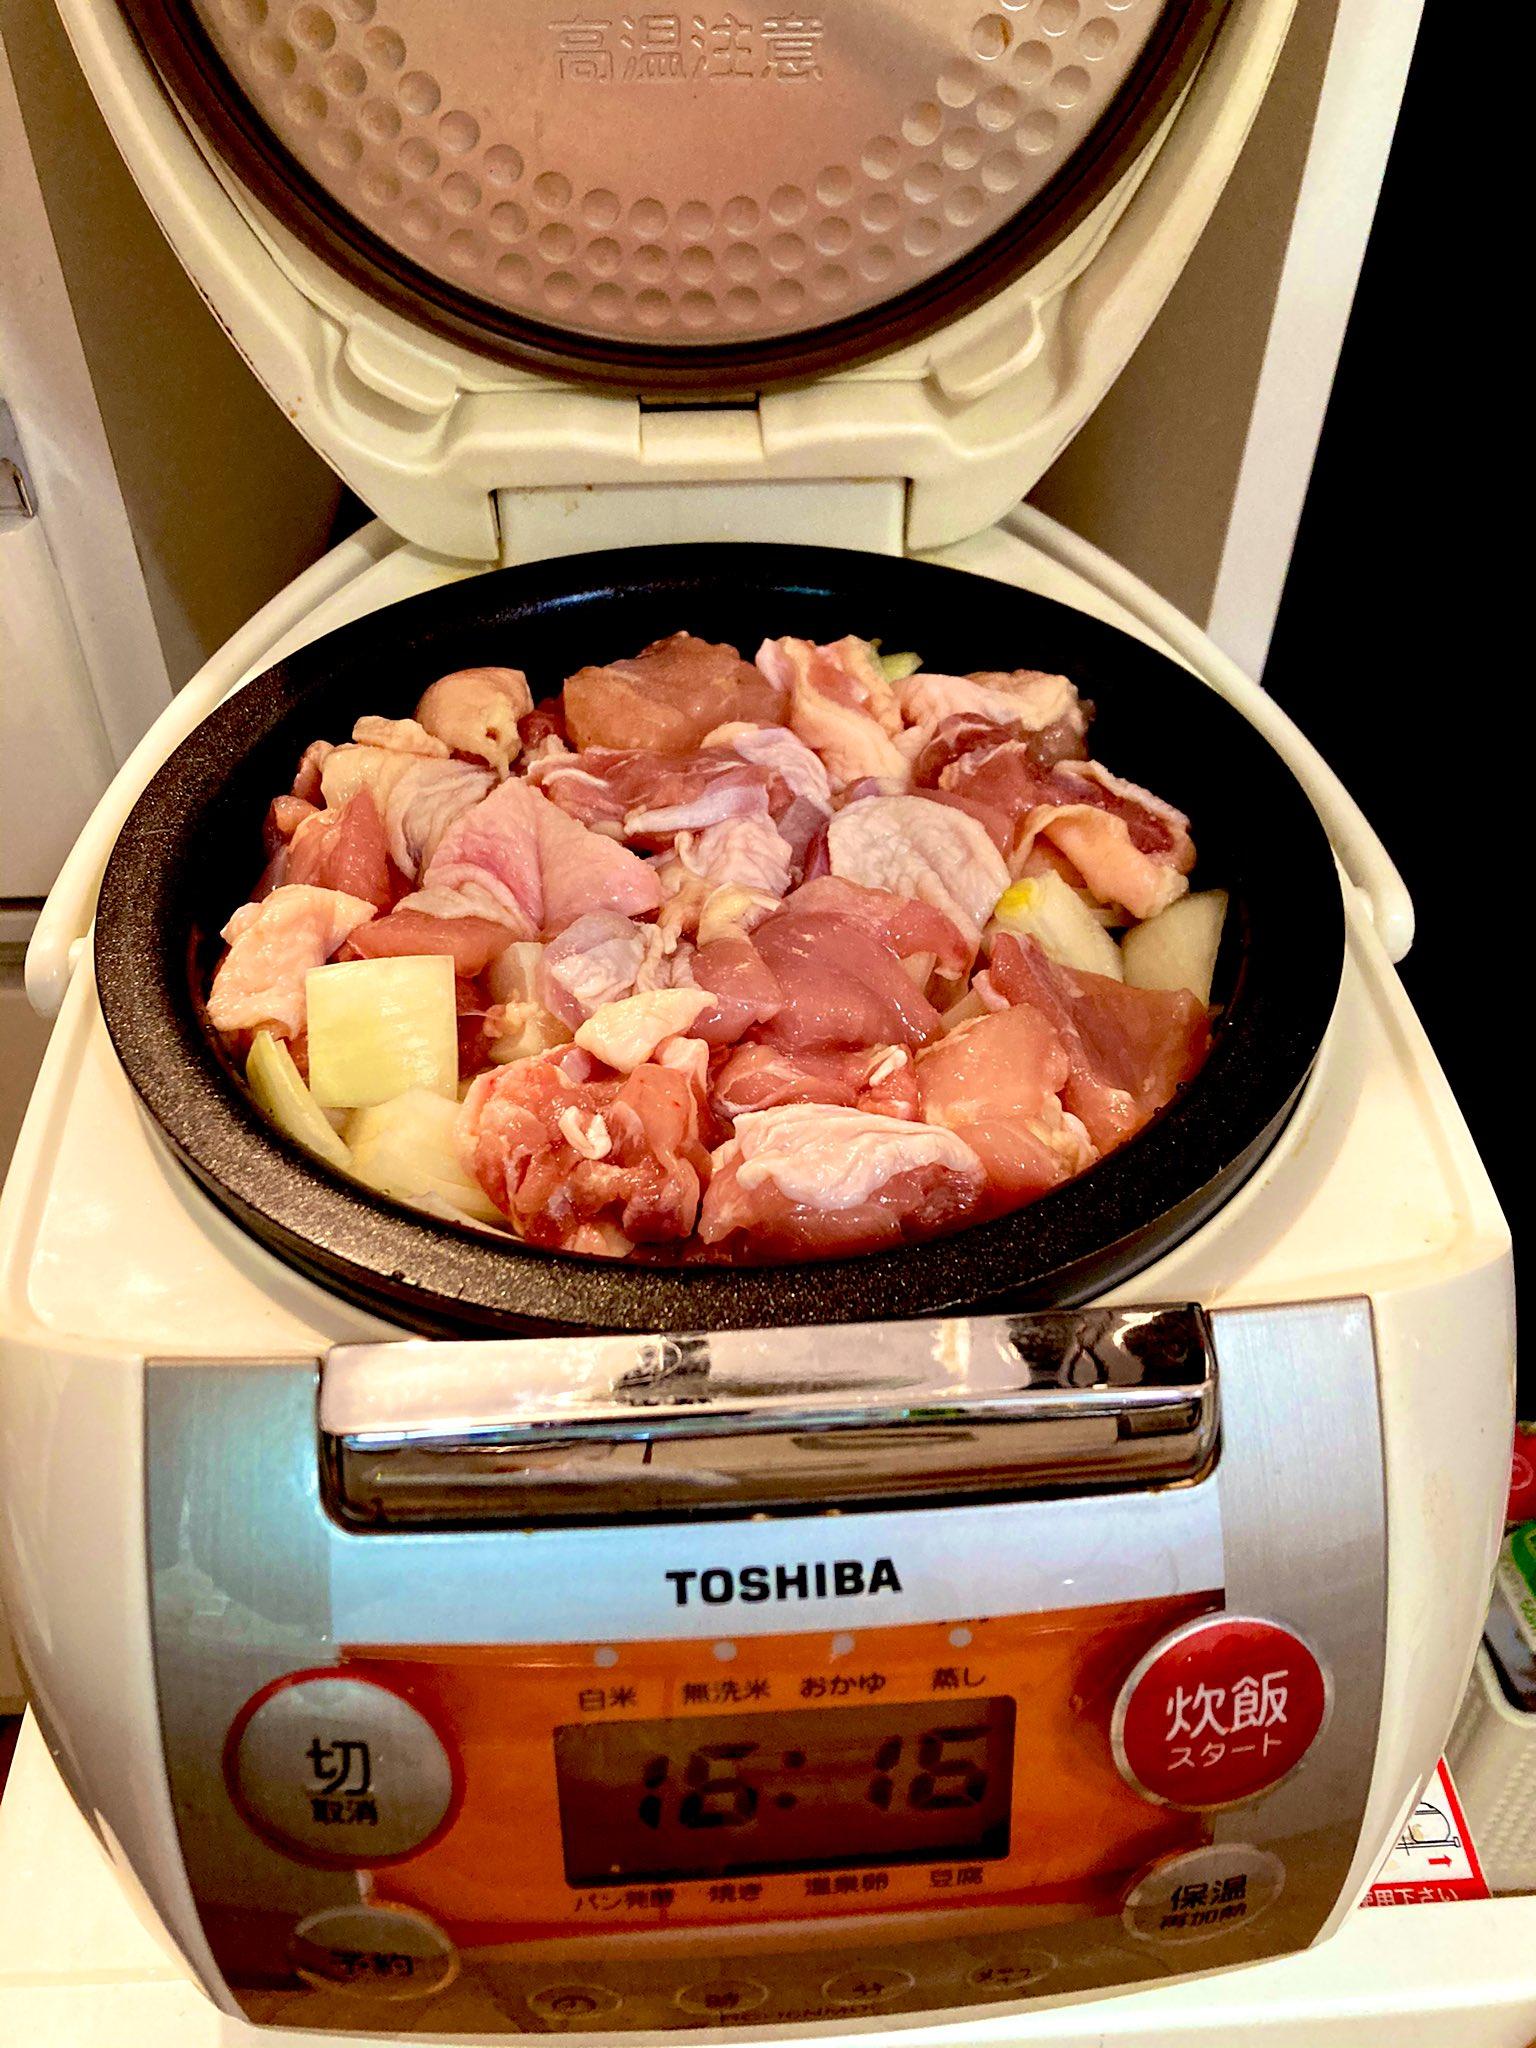 炊飯器シチューの材料を刻んで鍋に入れた図・炊飯前シチュー